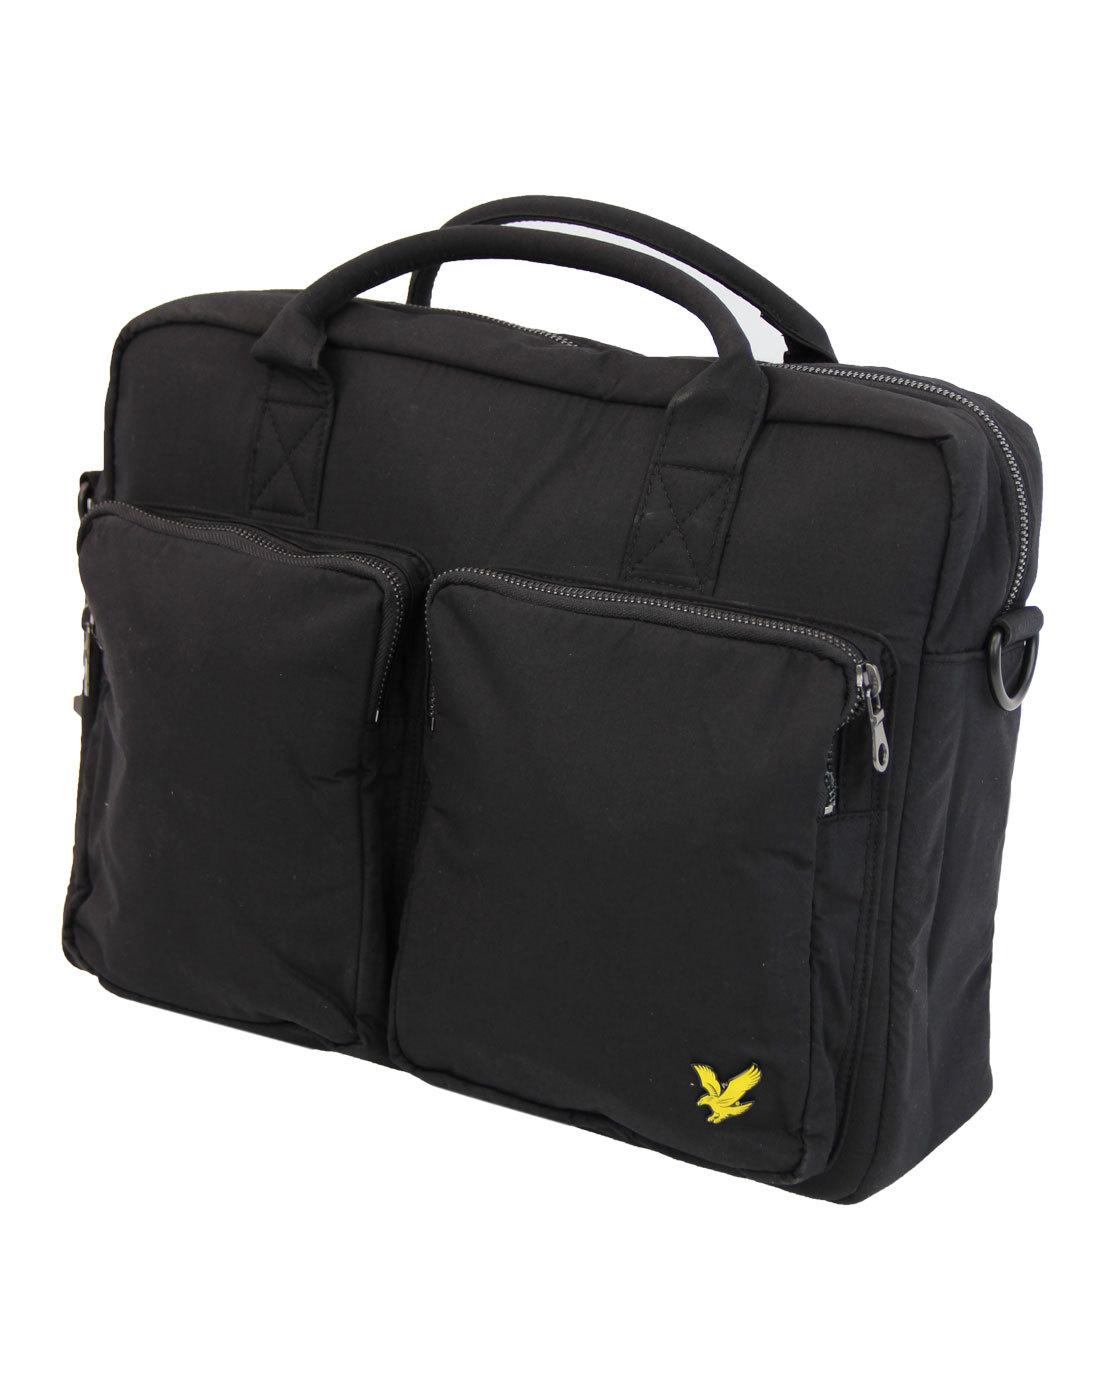 2 Pocket LYLE AND SCOTT Shoulder Bag Black